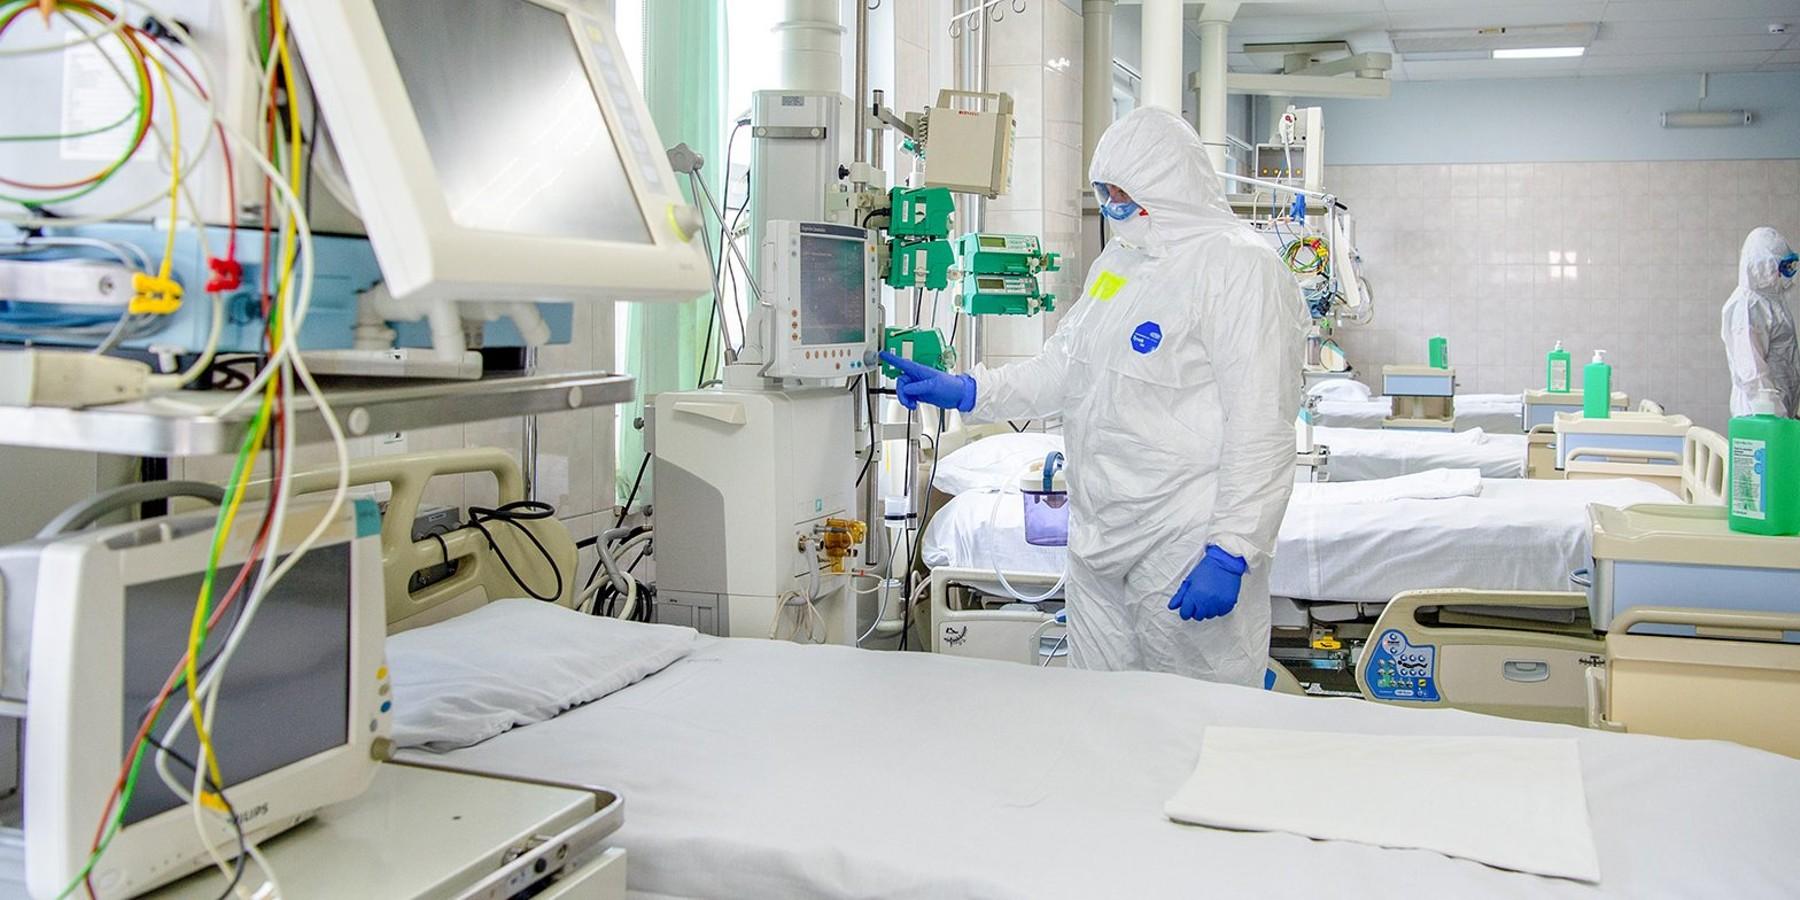 Симптомы коронавируса у человека, первые признаки 2020